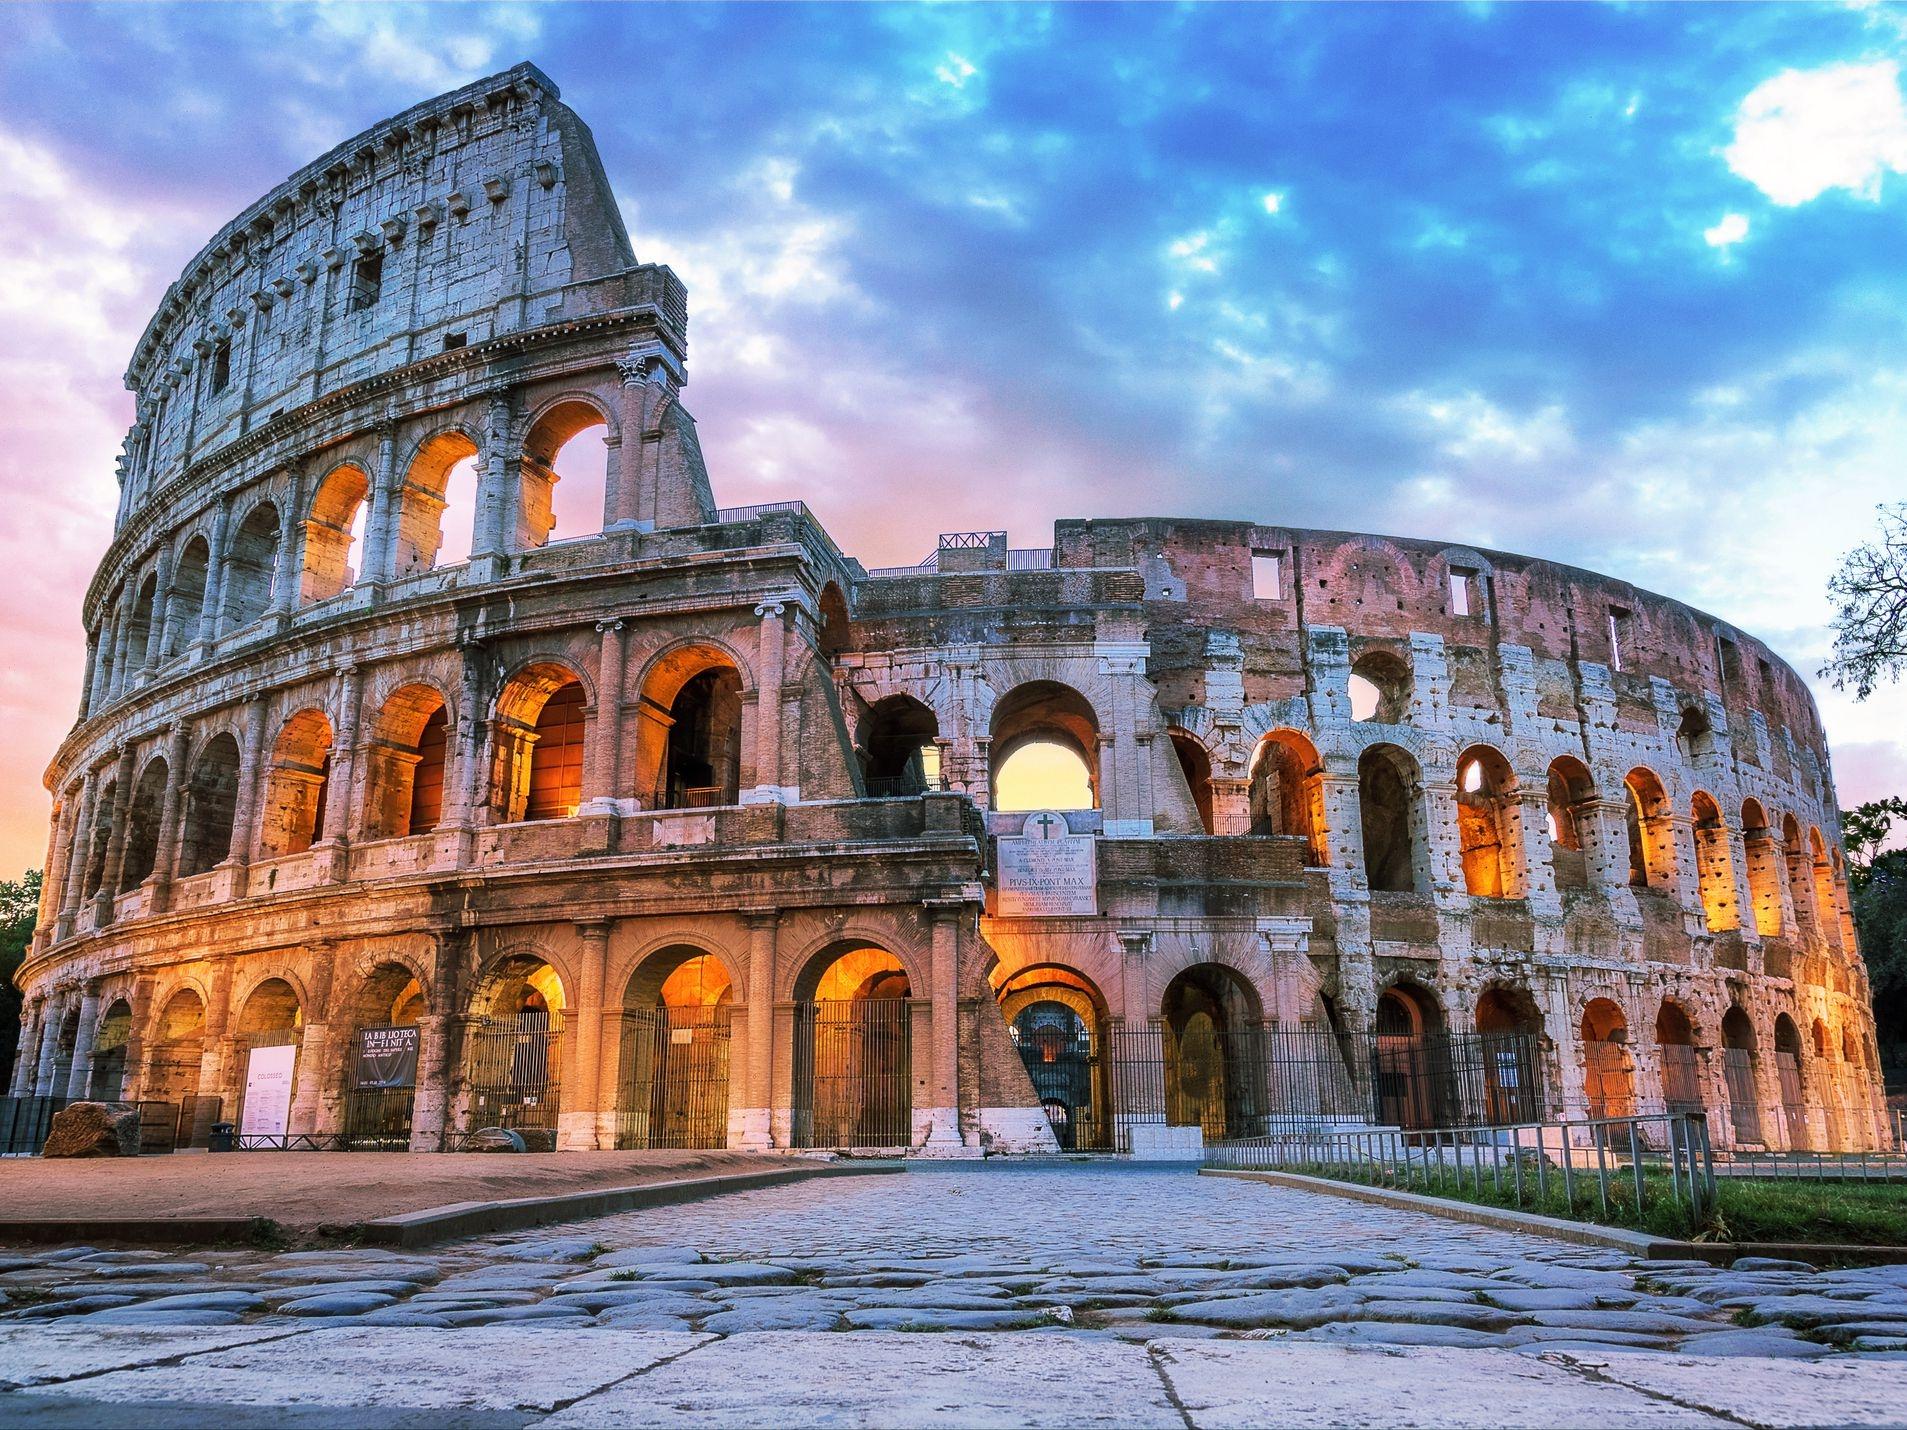 ايطاليا روما اهم الاماكن السياحيه مدرج كولوسيوم